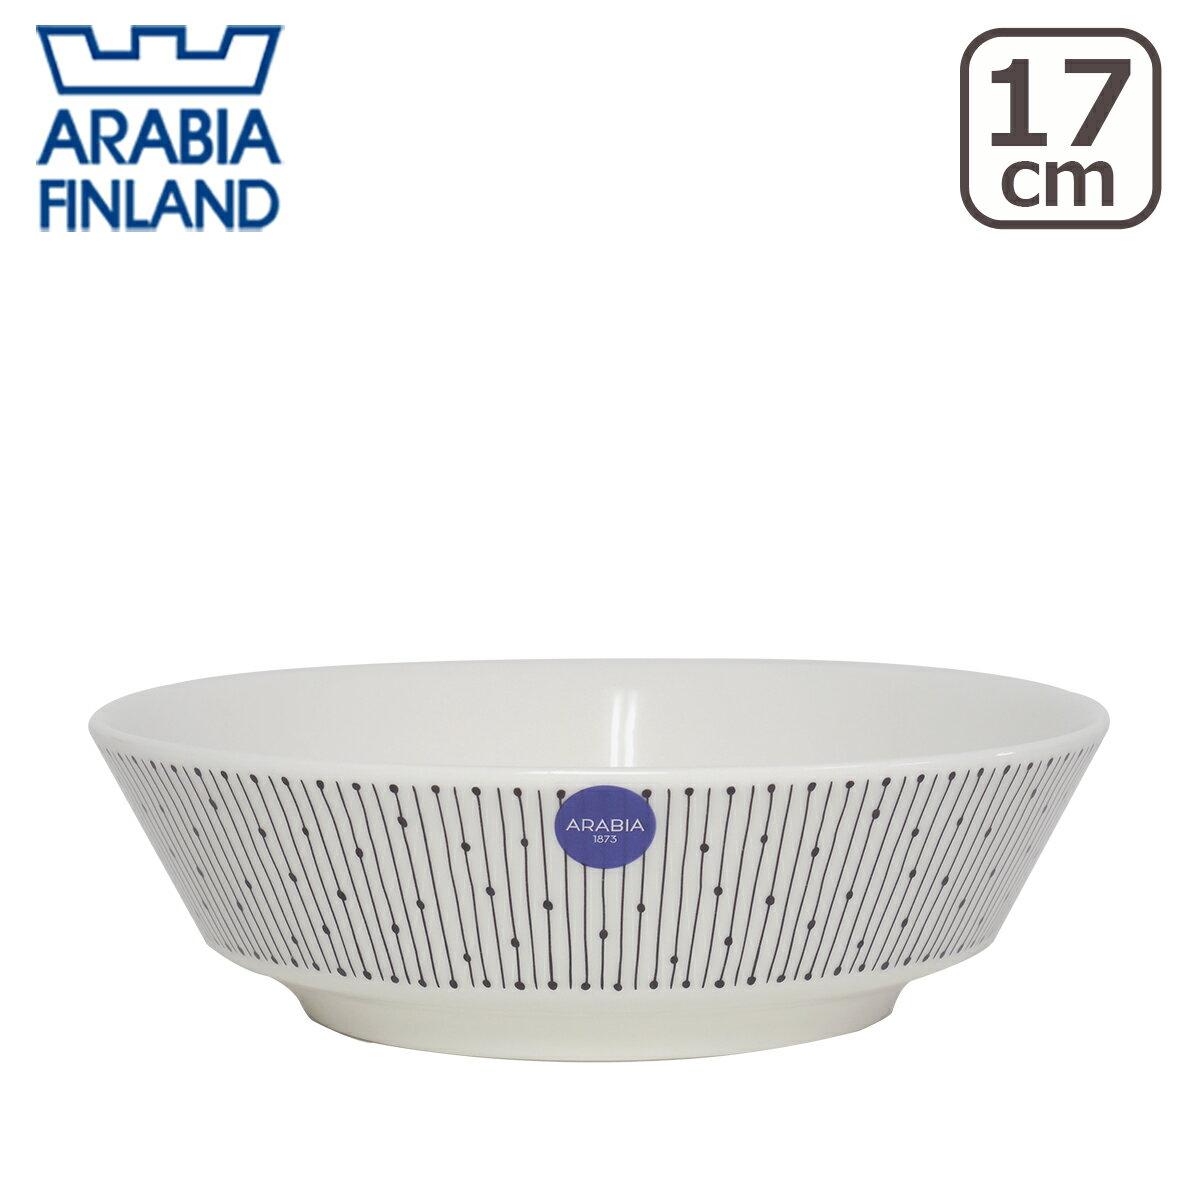 アラビア(Arabia) マイニオ(Mainio) SARASTUS ボウル 17cm 北欧 フィンランド 食器 Arabia 食器洗い機 対応